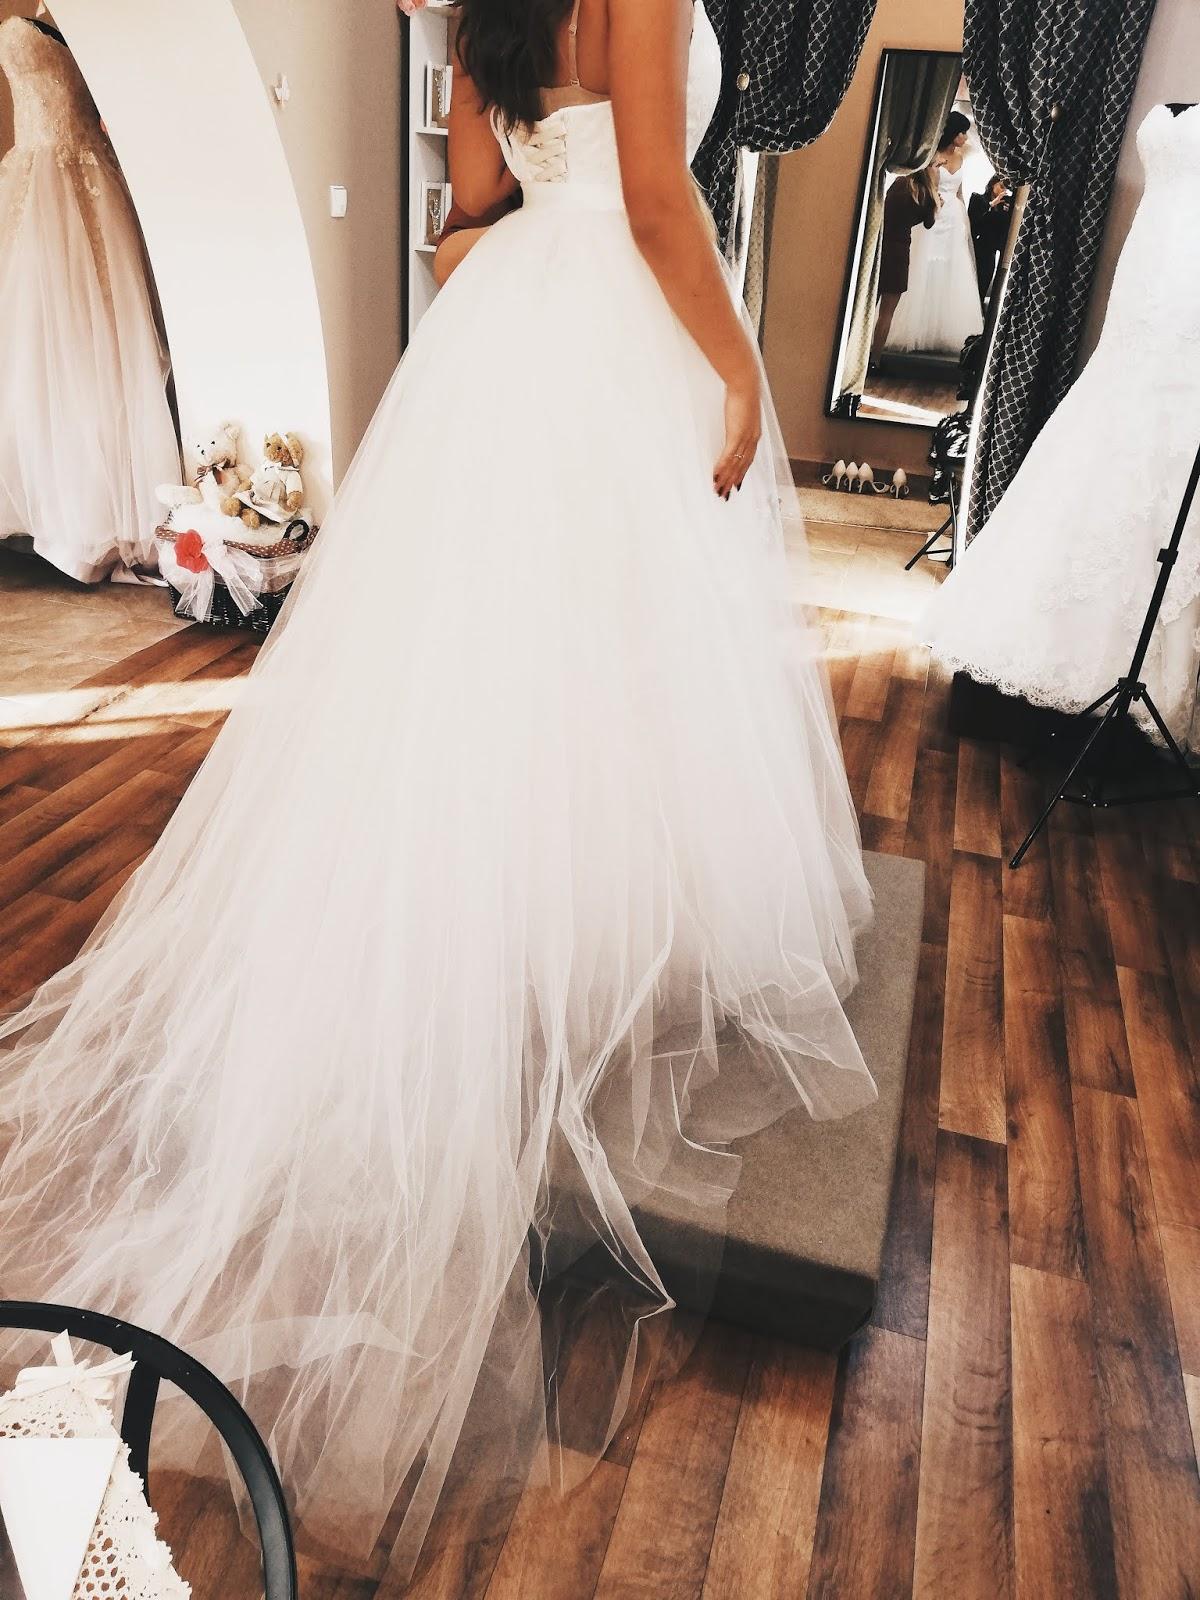 45de136636 Pierwszą wizytę w salonie sukien ślubnych mam już za sobą. Wcześniej nie  miałam okazji odwiedzić żadnego salonu